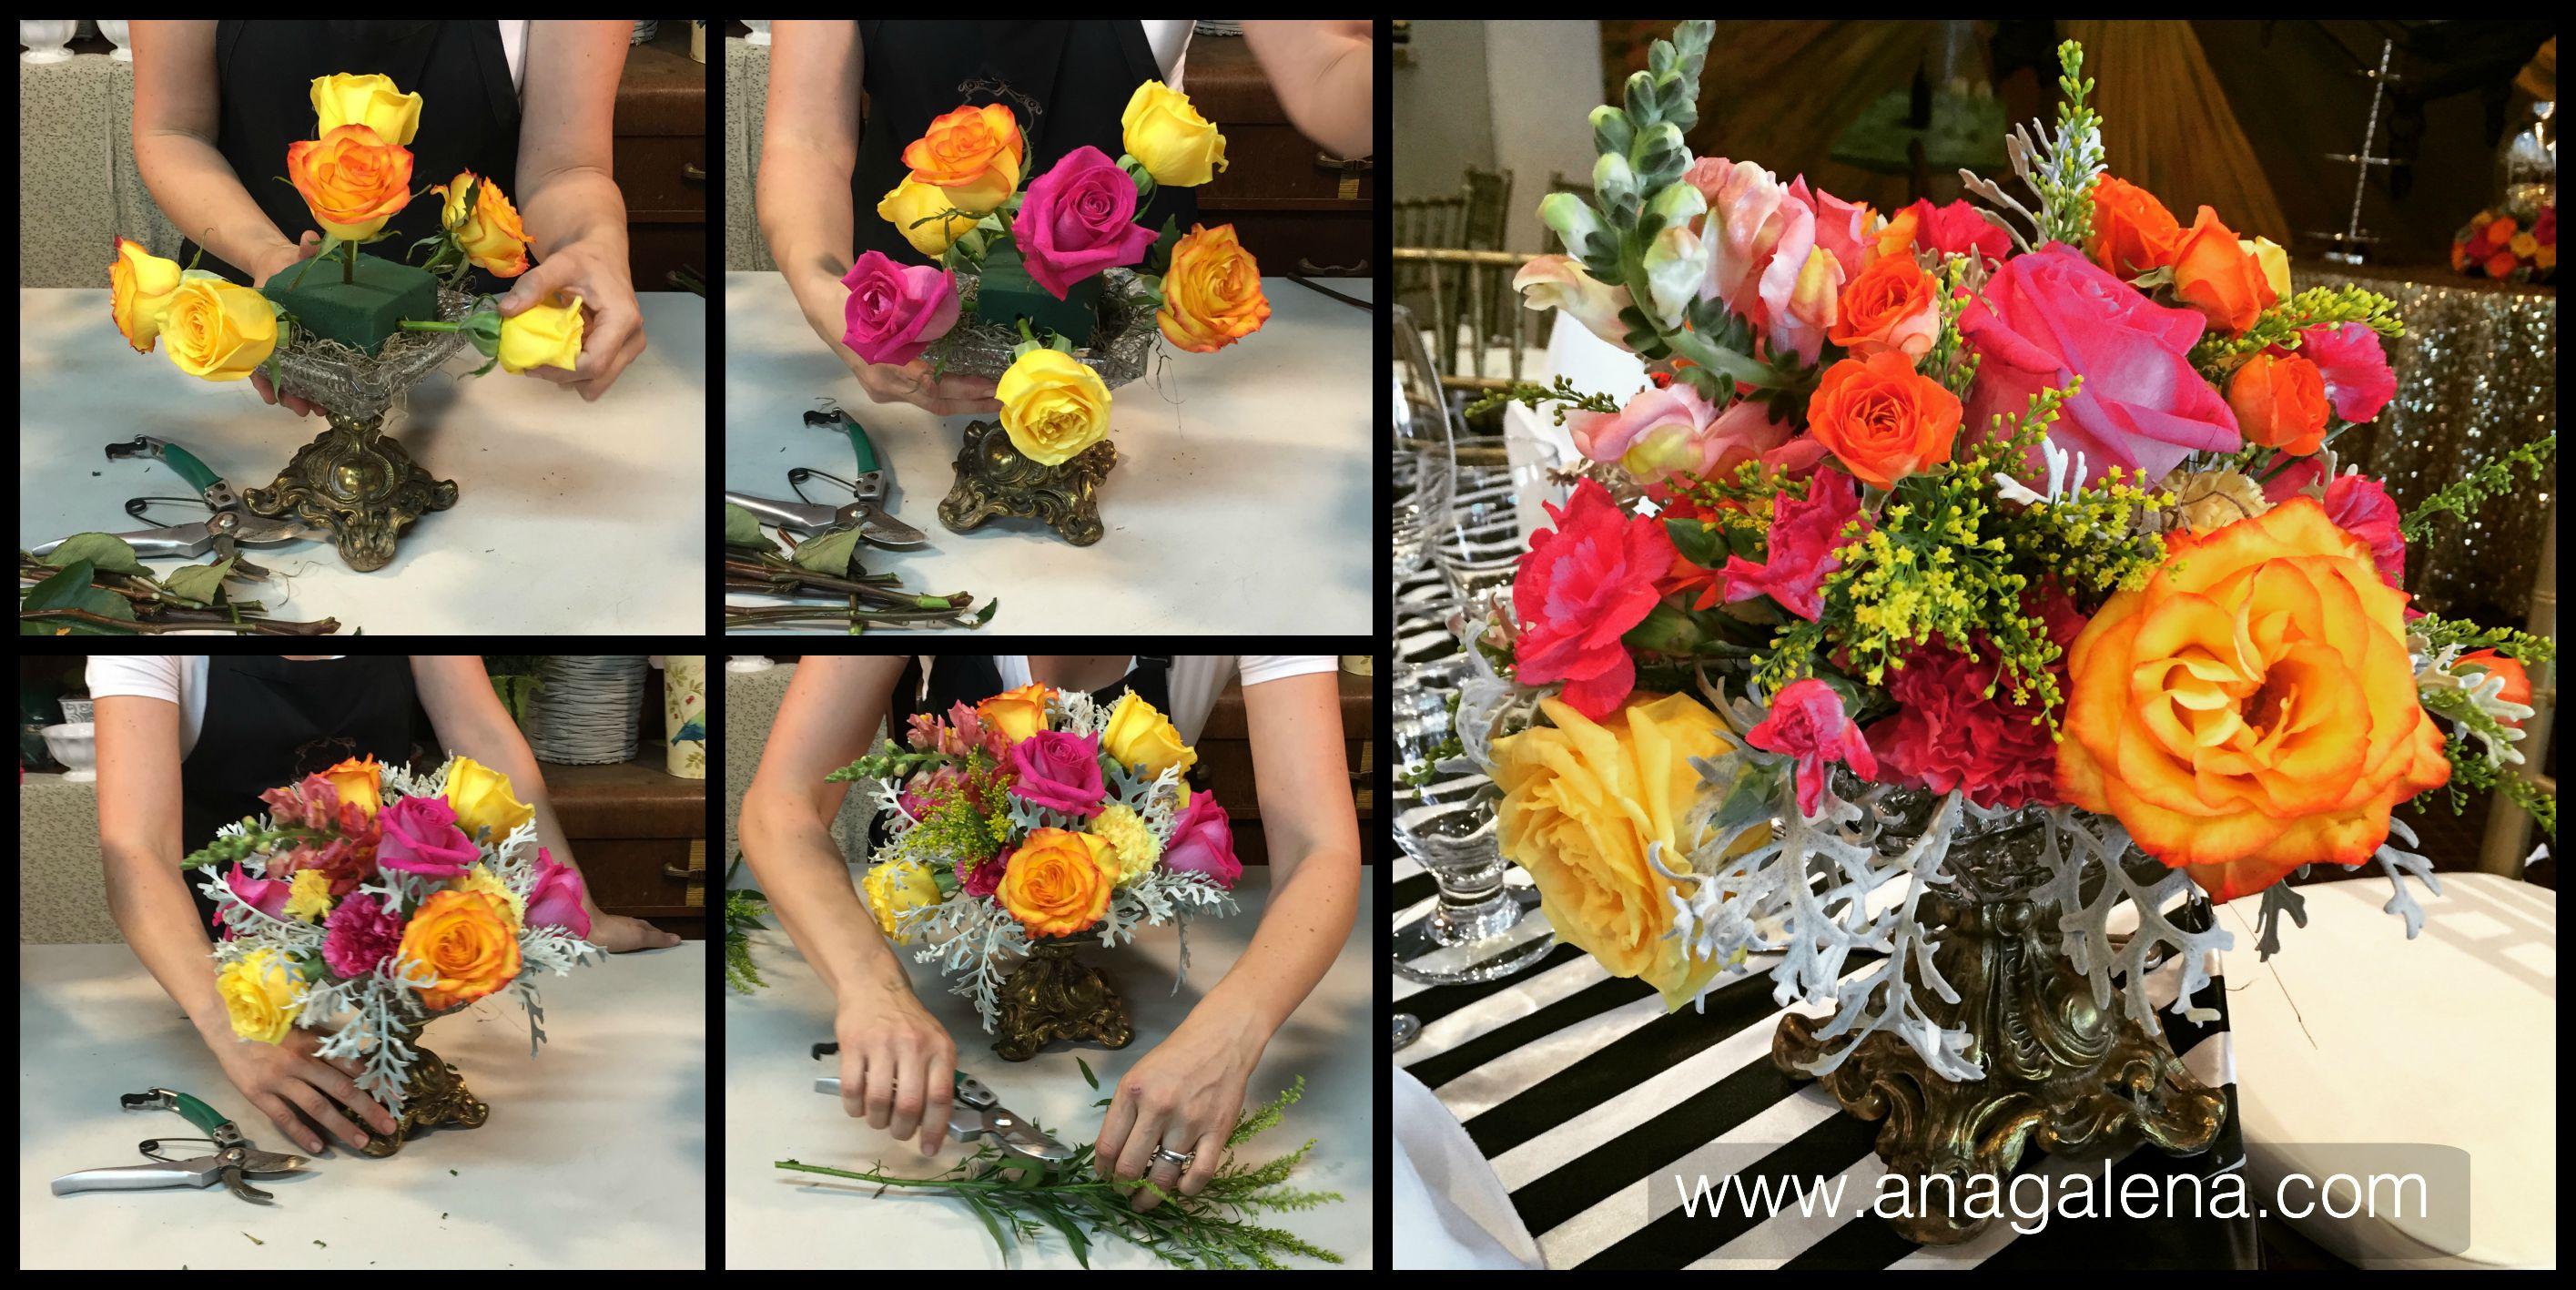 Centro de mesa colorido como escoger y combinar flores ana galena thecheapjerseys Image collections